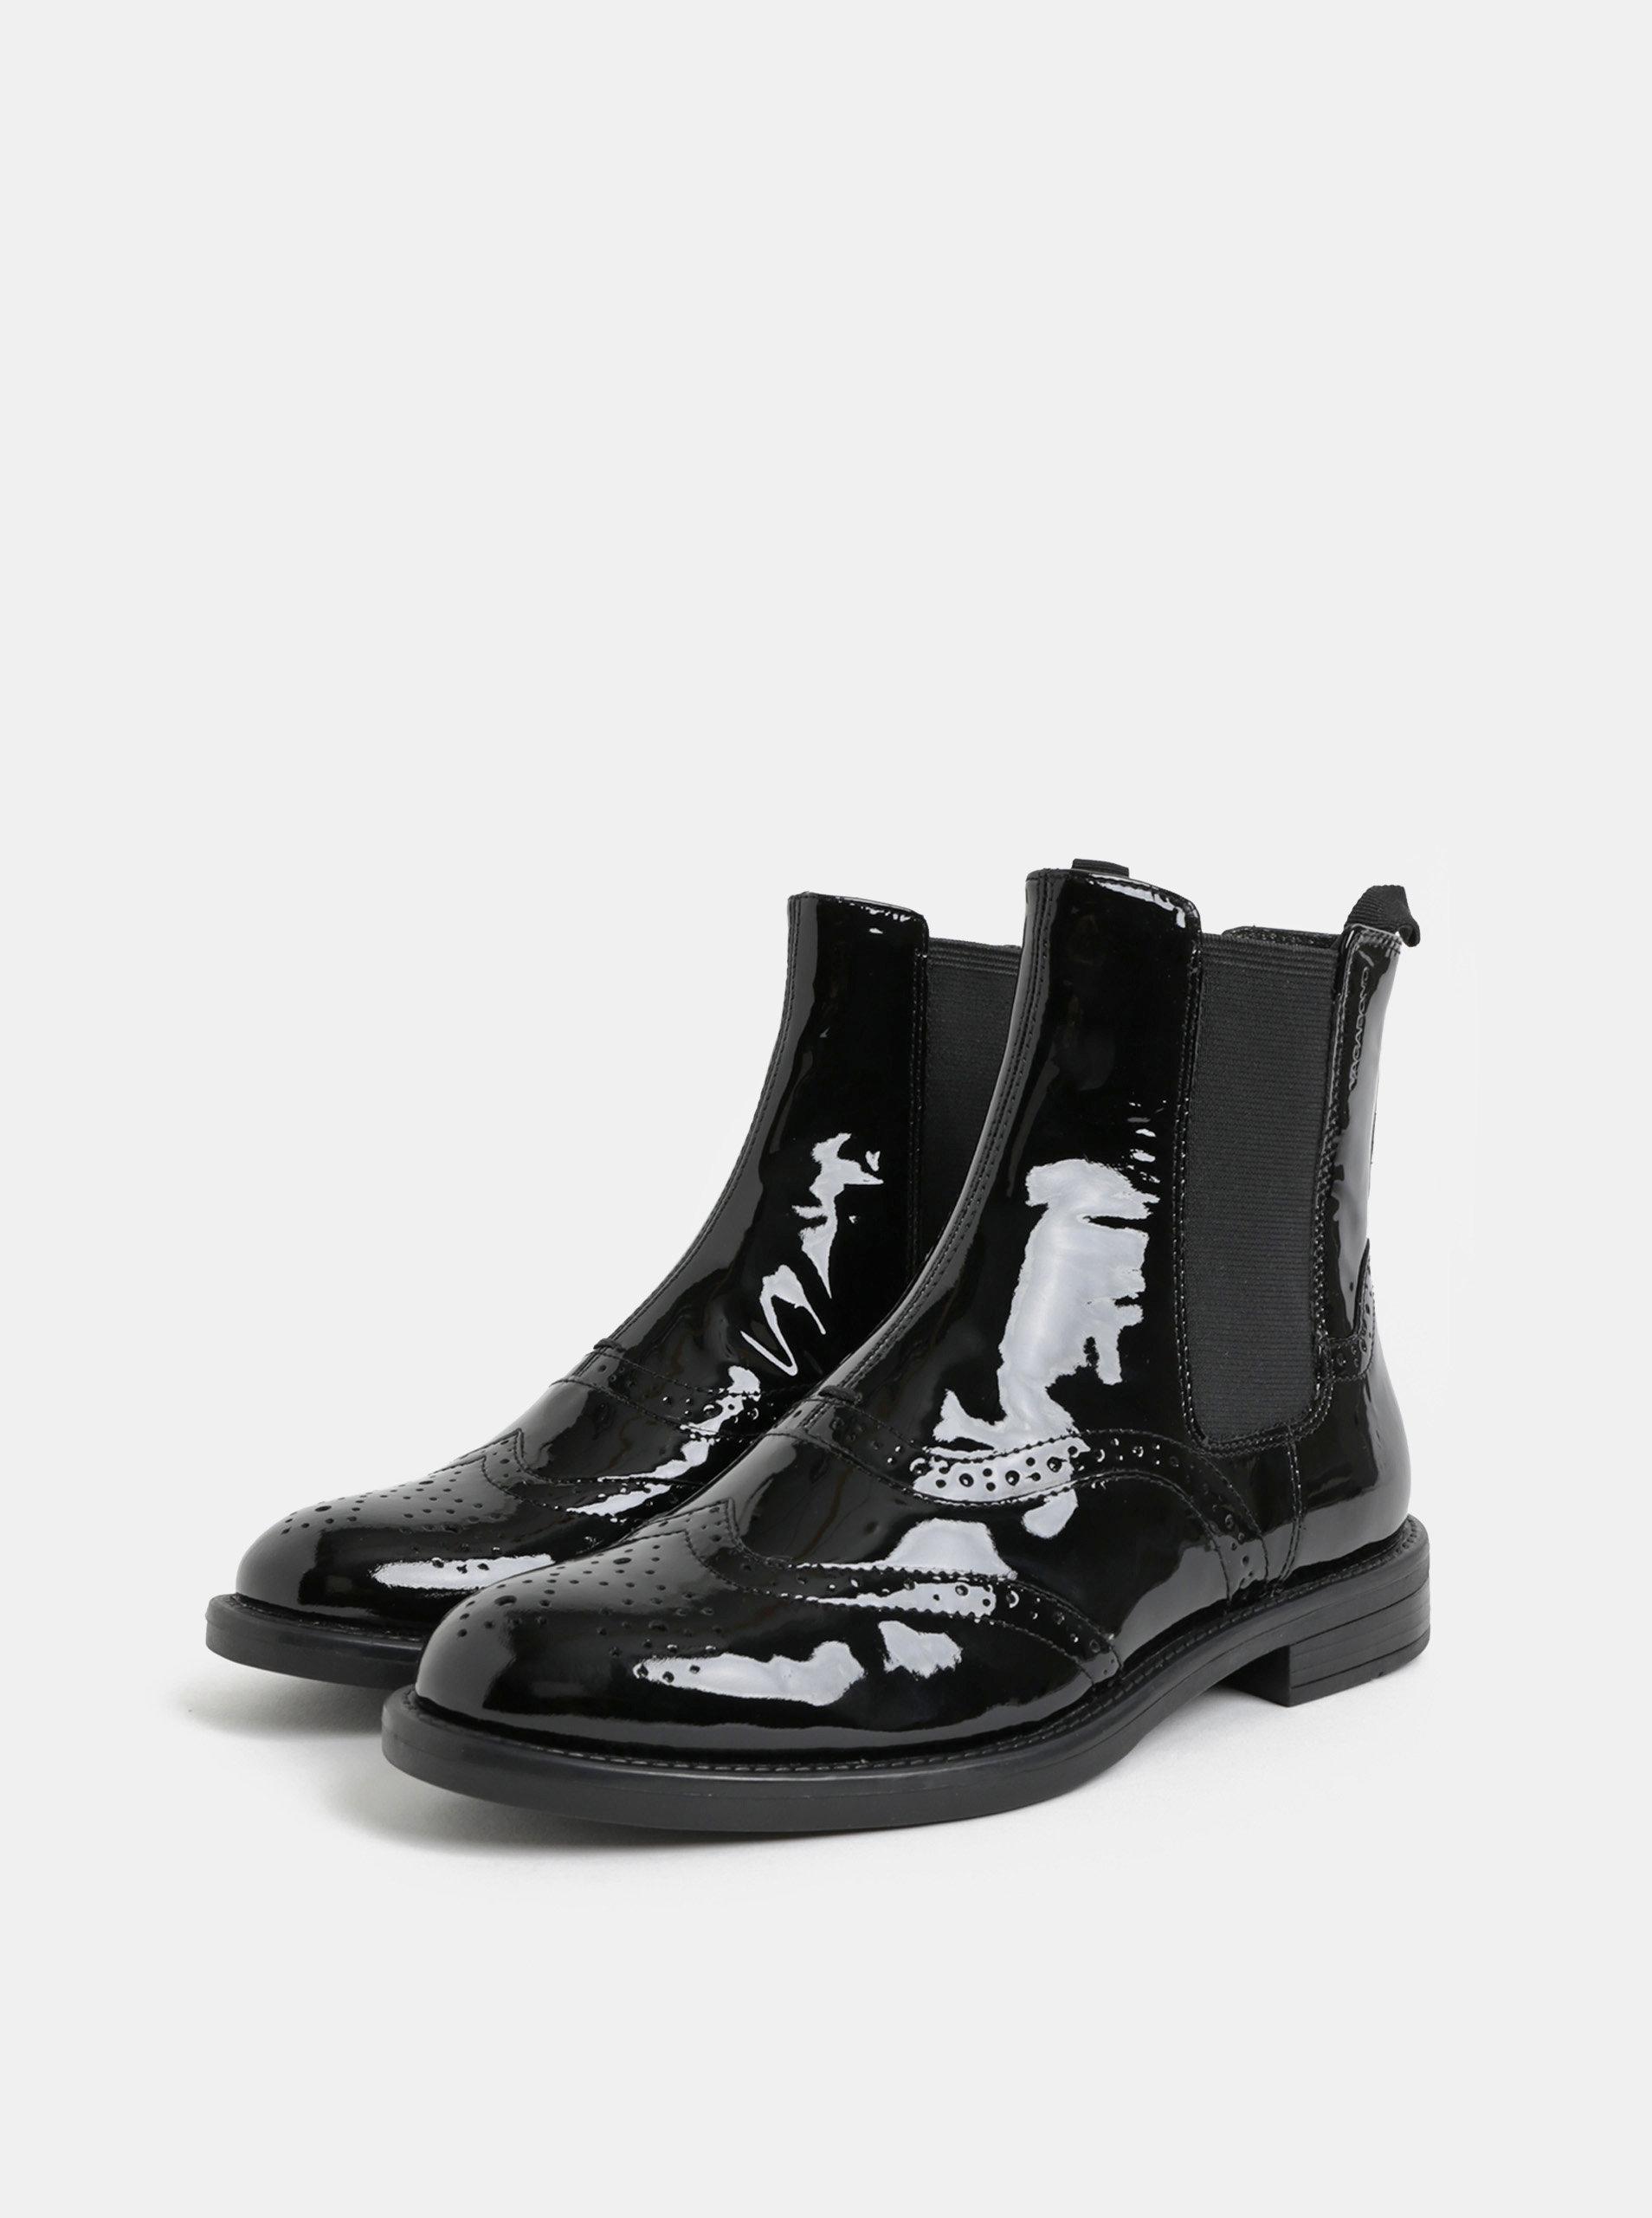 Čierne dámske kožené chelsea topánky s brogue zdobením Vagabond Amina ... 5fc83e225c3